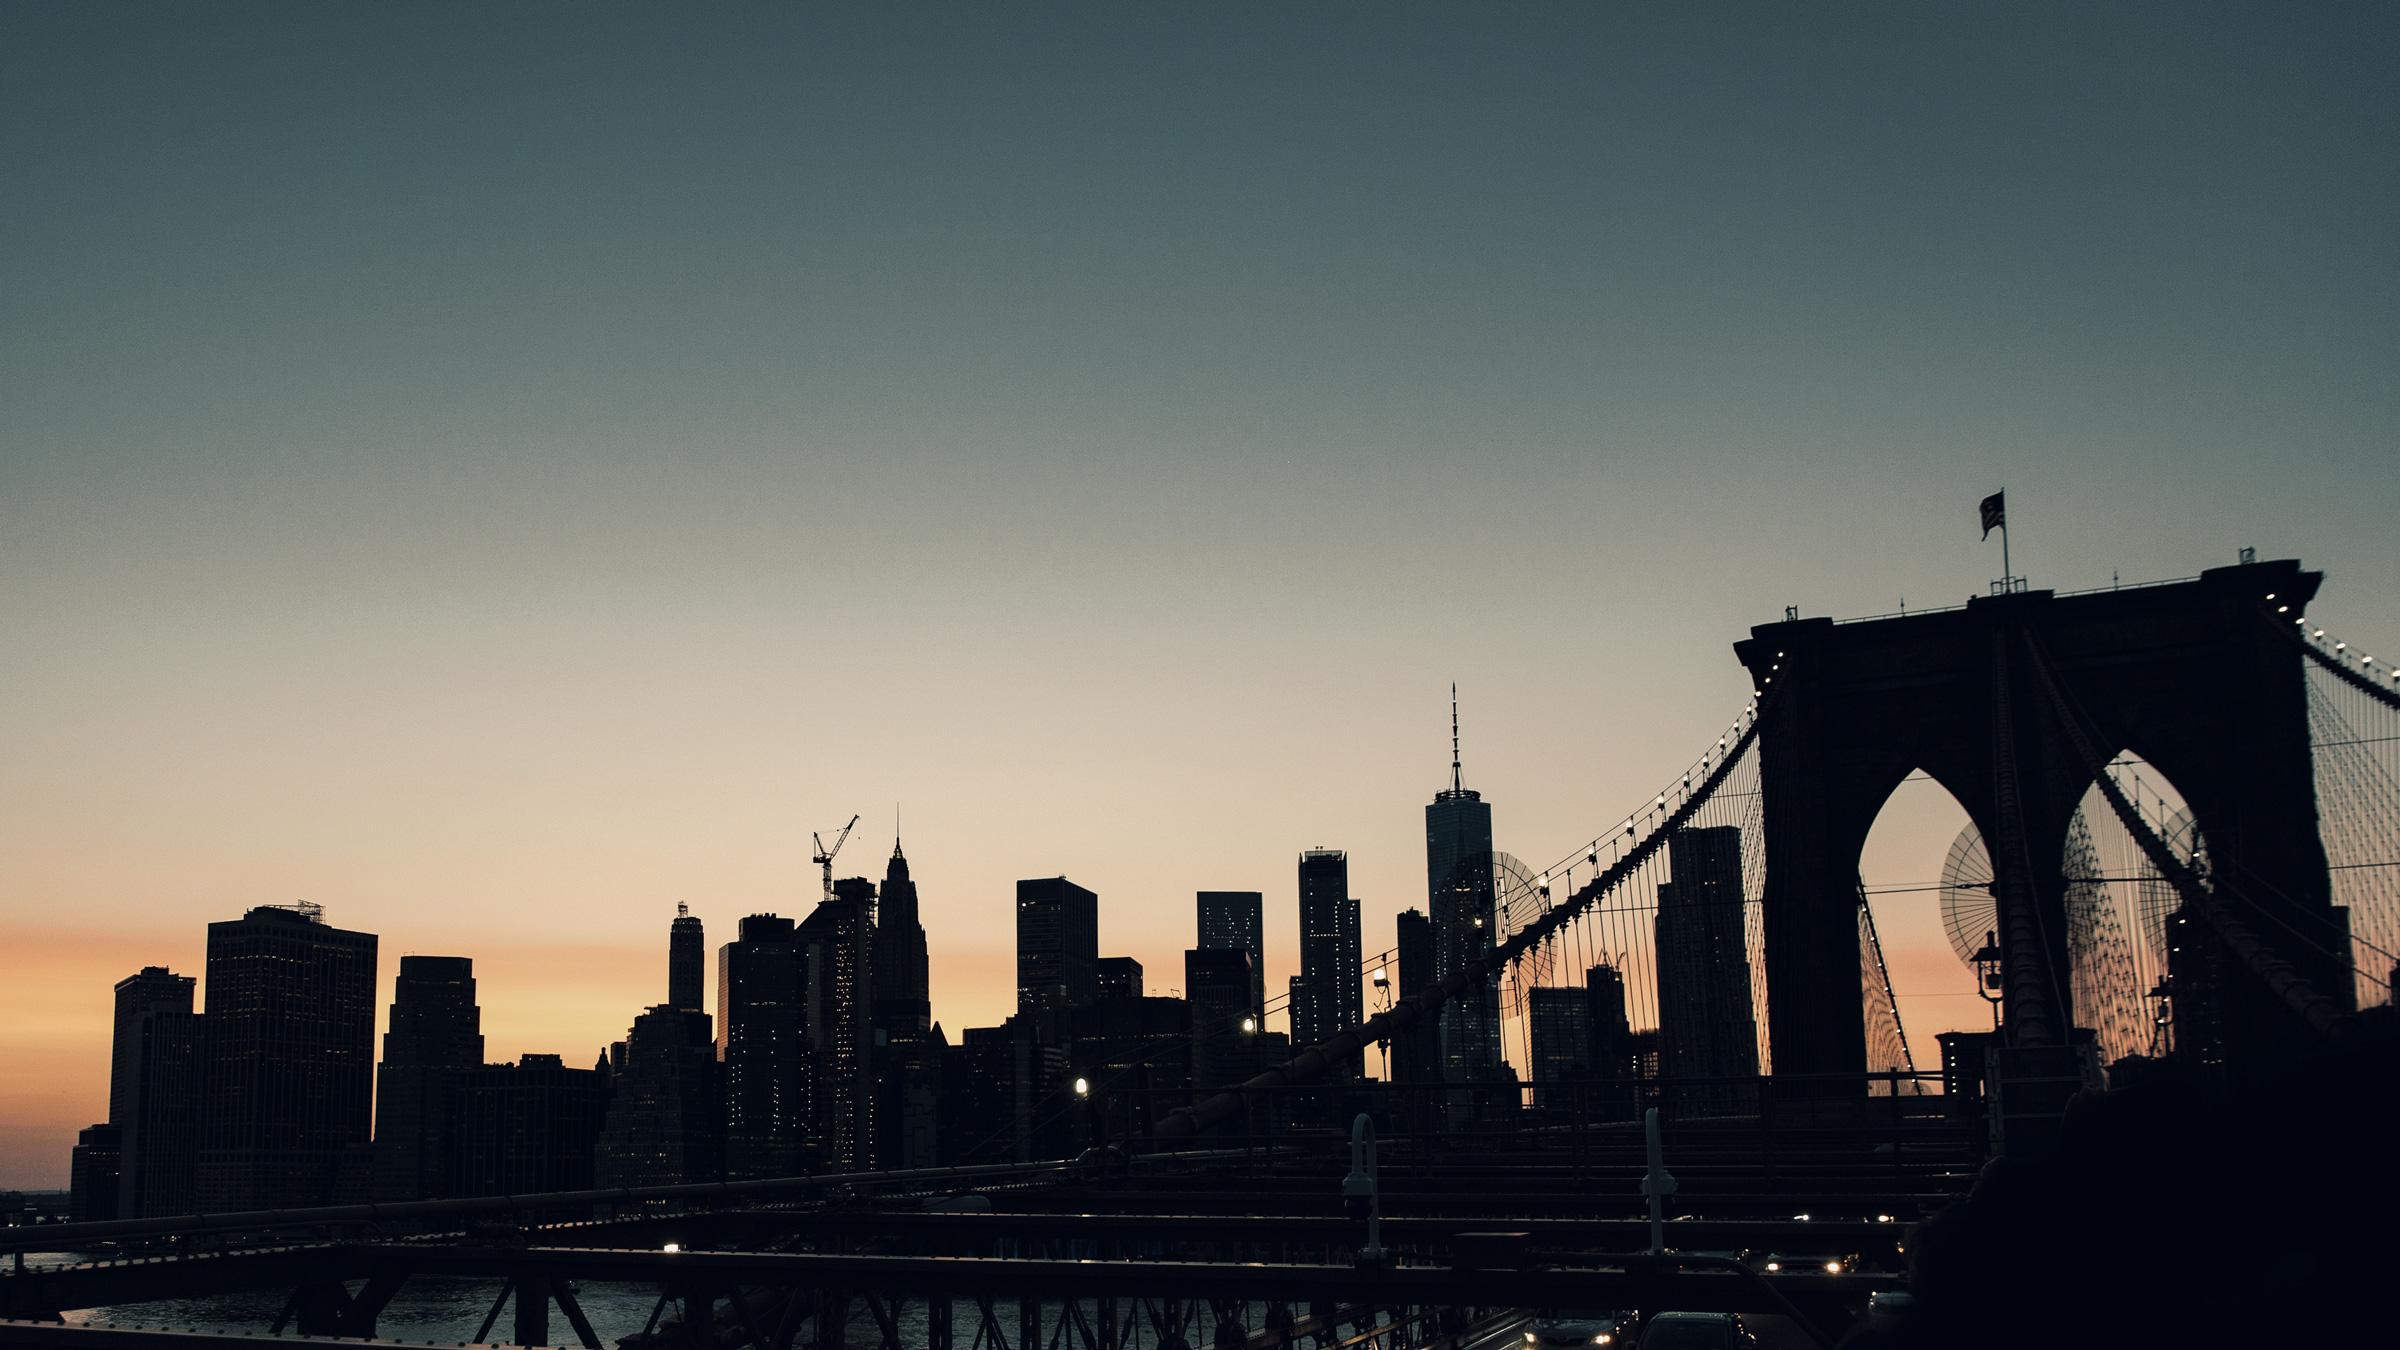 Brooklyn Bridge mit der Skyline von Downtown Manhattan im Sonnenuntergang. Brooklyn Bridge with the skyline of Downtown Manhattan in the sunset.